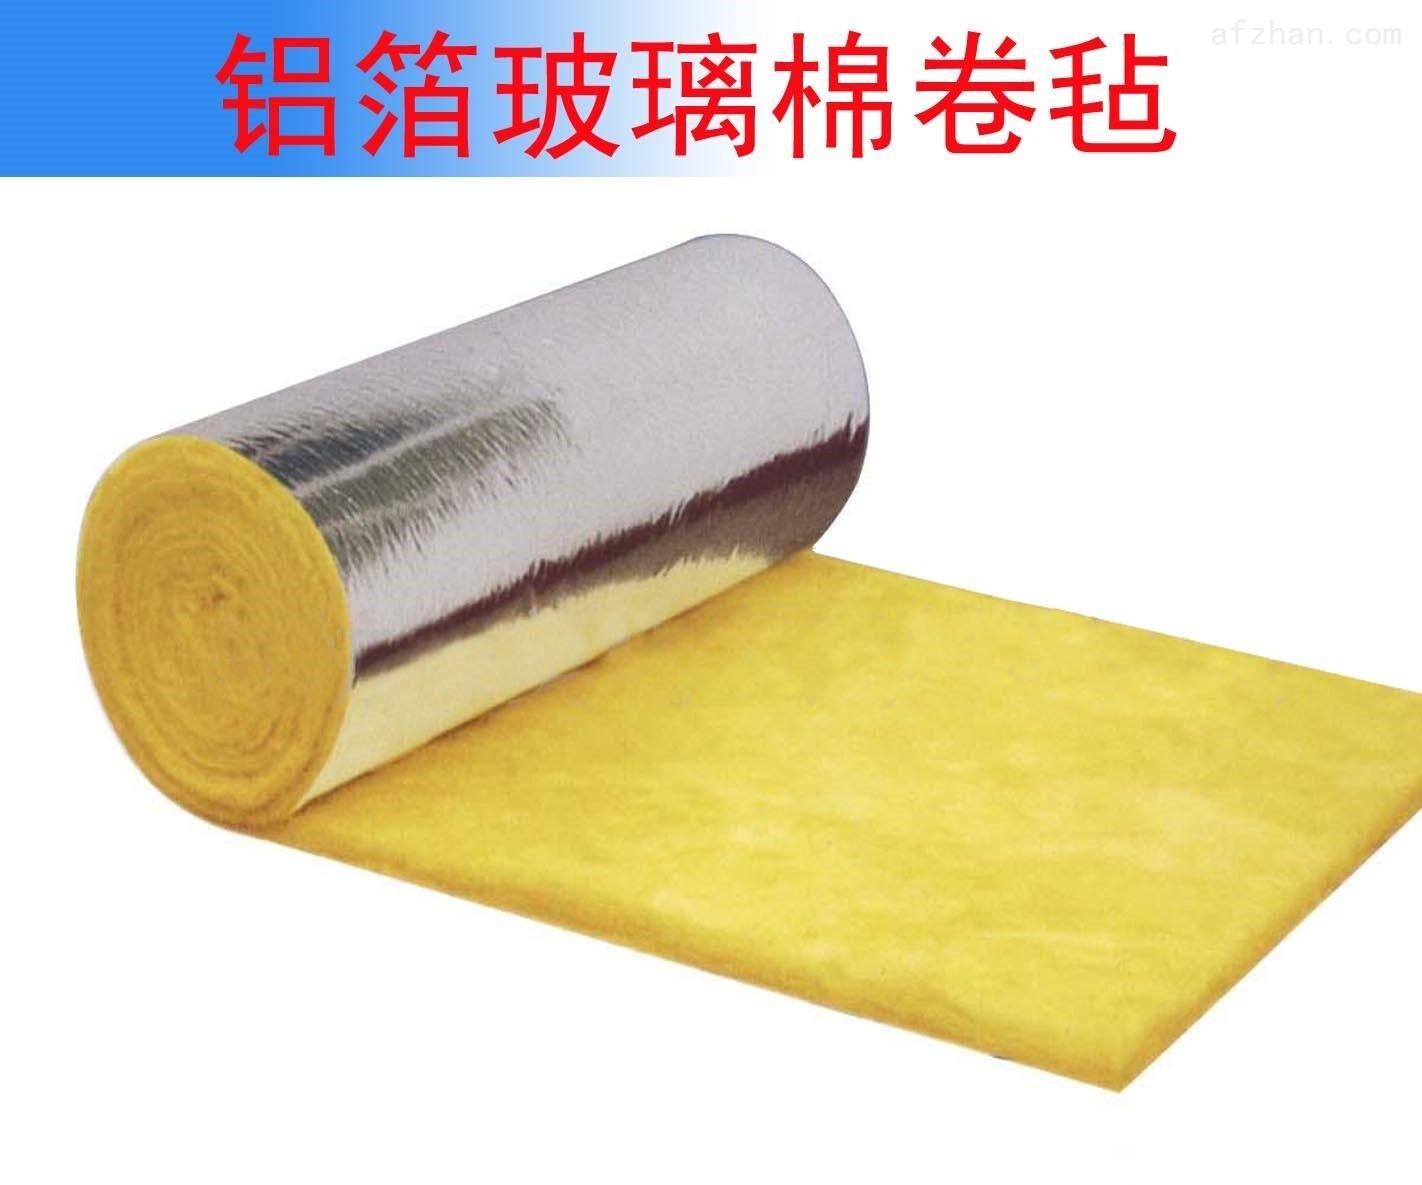 吉林省彩钢玻璃棉夹芯板厂家制造